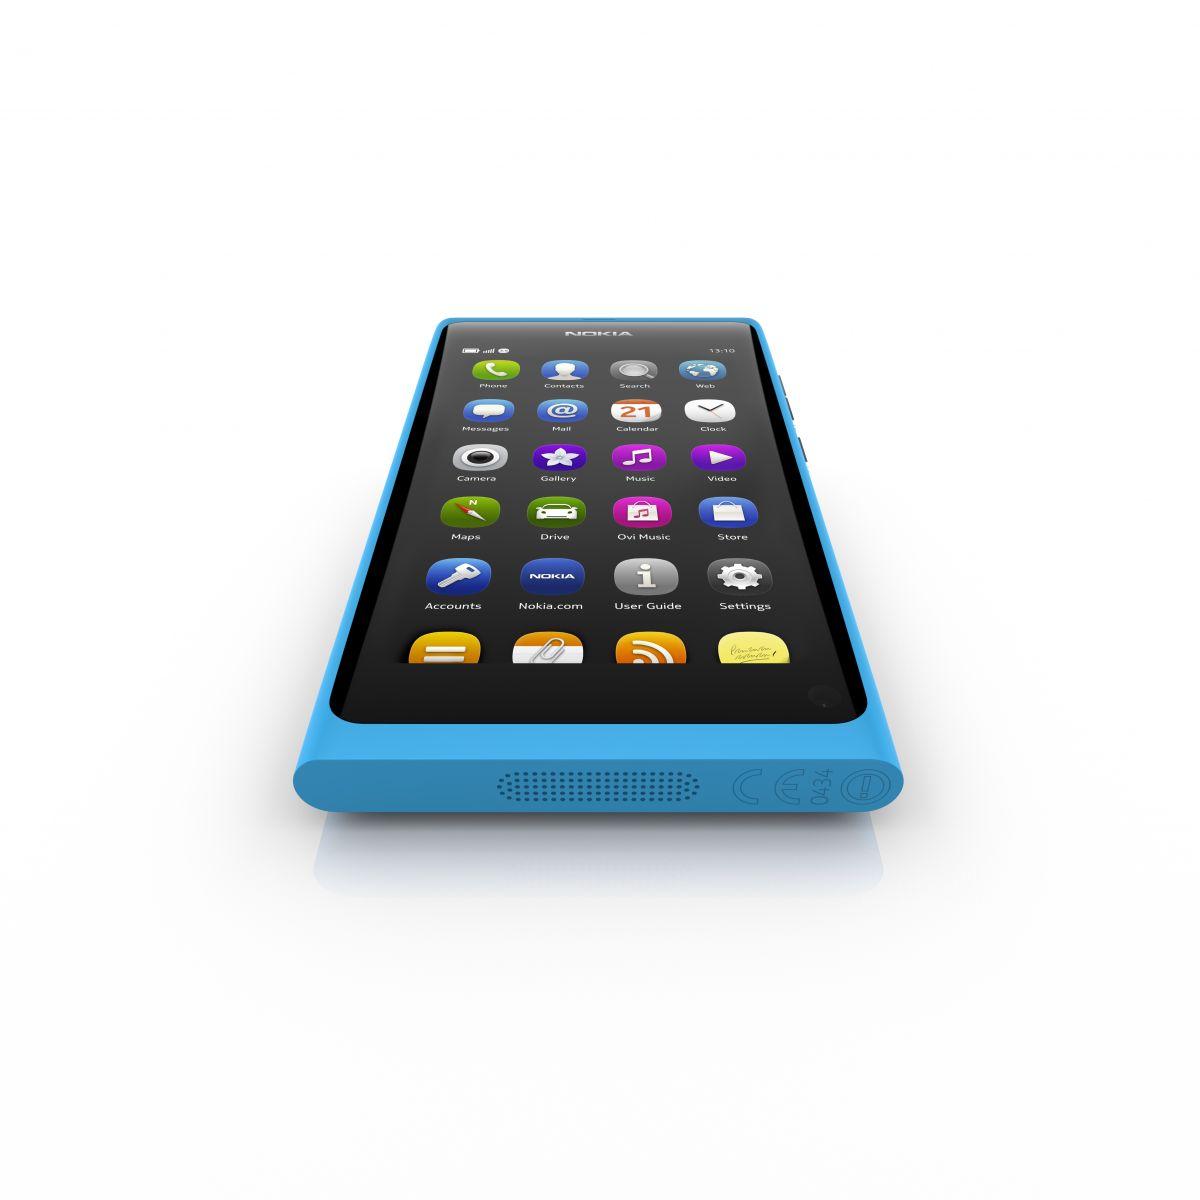 Nokia N9 - Bottom View